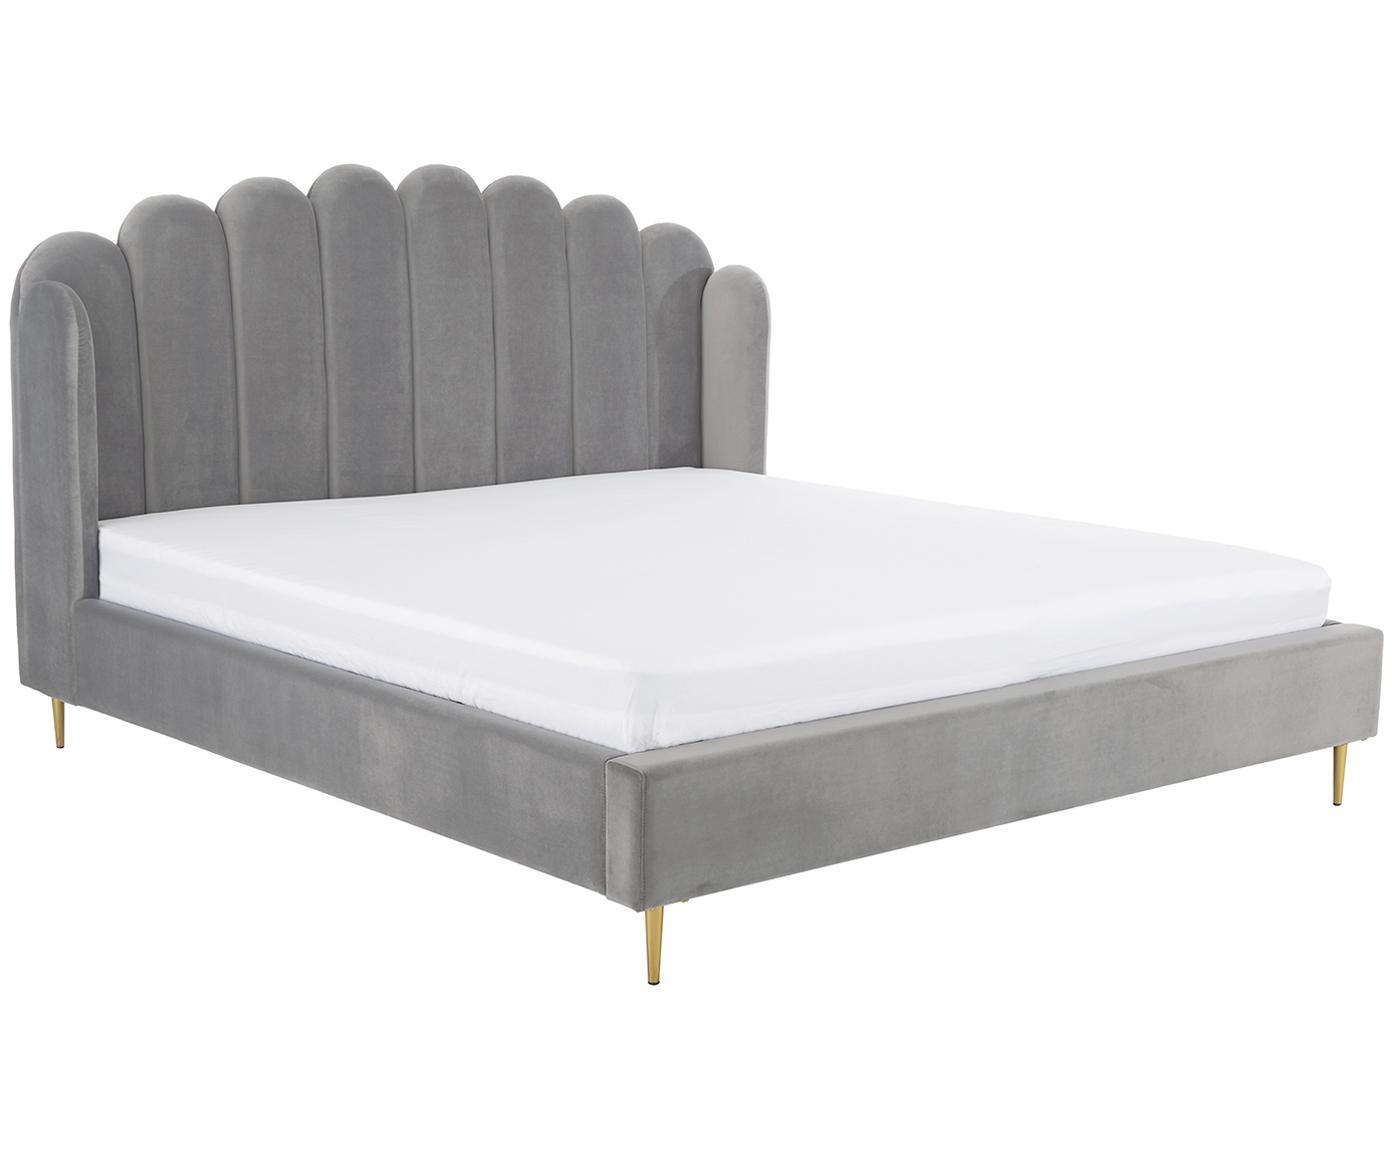 Łóżko tapicerowane z aksamitu Glamour, Korpus: lite drewno sosnowe, Nogi: metal mosiądzowany, Tapicerka: aksamit (poliester) 100 0, Tapicerka: szary Nogi: odcienie złotego, błyszczący, 160 x 200 cm